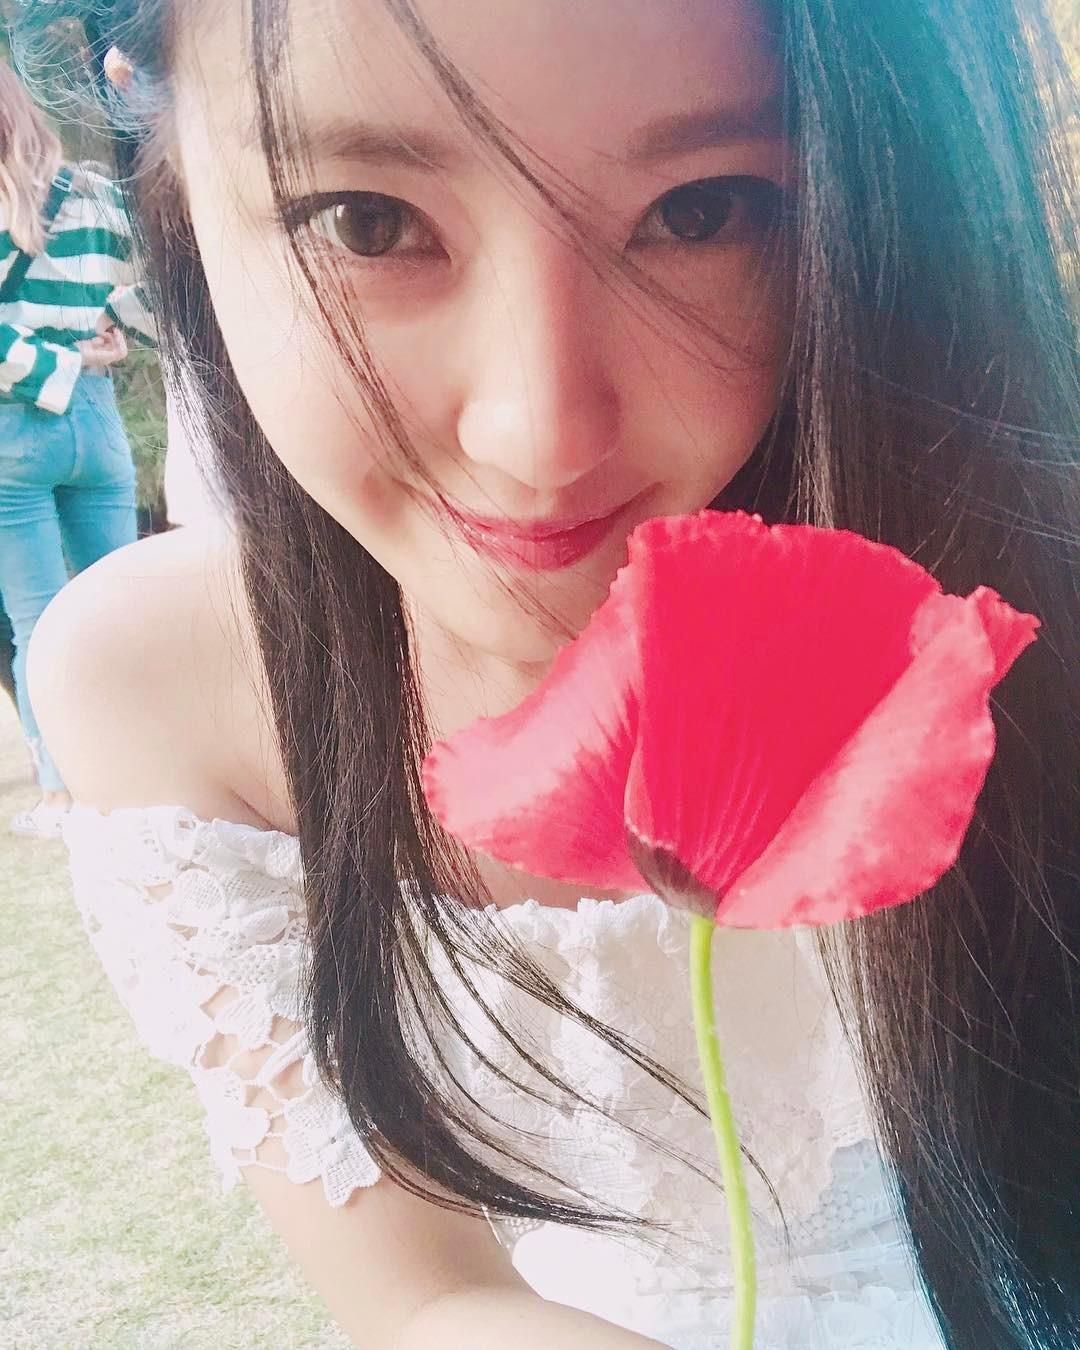 [分享]170622 T-ara孝敏 比花还美的花美貌 性感魅力展现